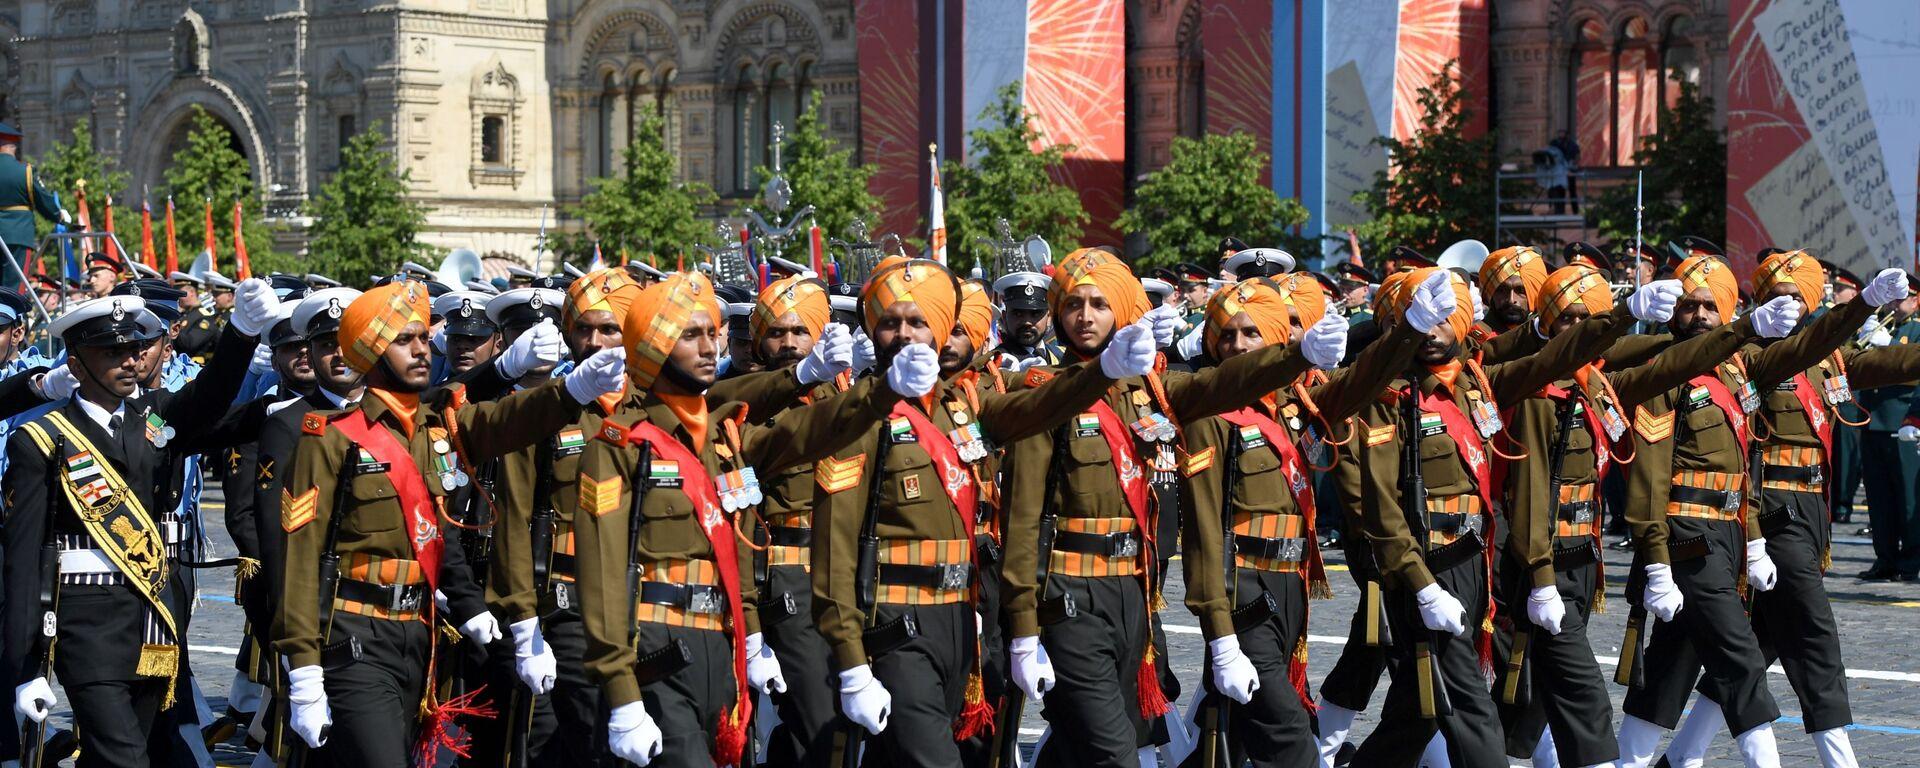 Парадный расчет армии Индии во время военного парада в ознаменование 75-летия Победы в Великой Отечественной войне 1941-1945 годов на Красной площади в Москве - Sputnik Латвия, 1920, 11.01.2021